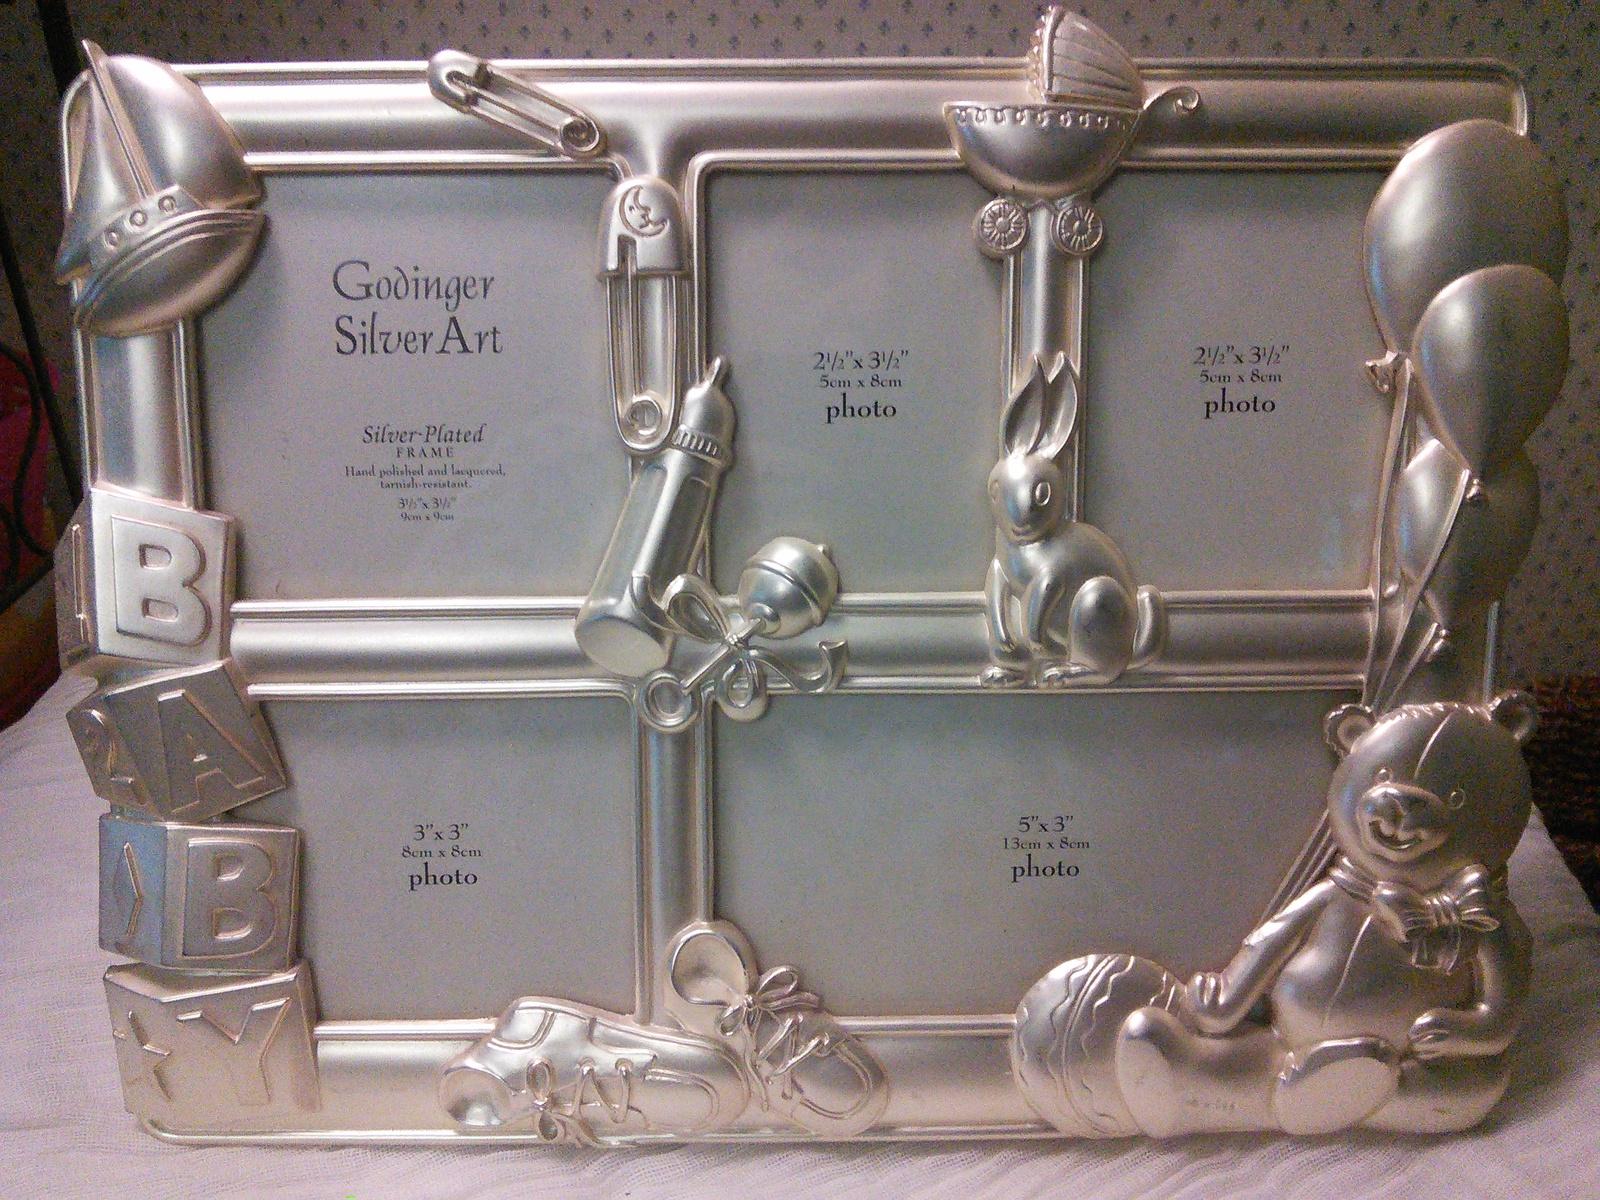 Godinger Silver Frame: 2 listings